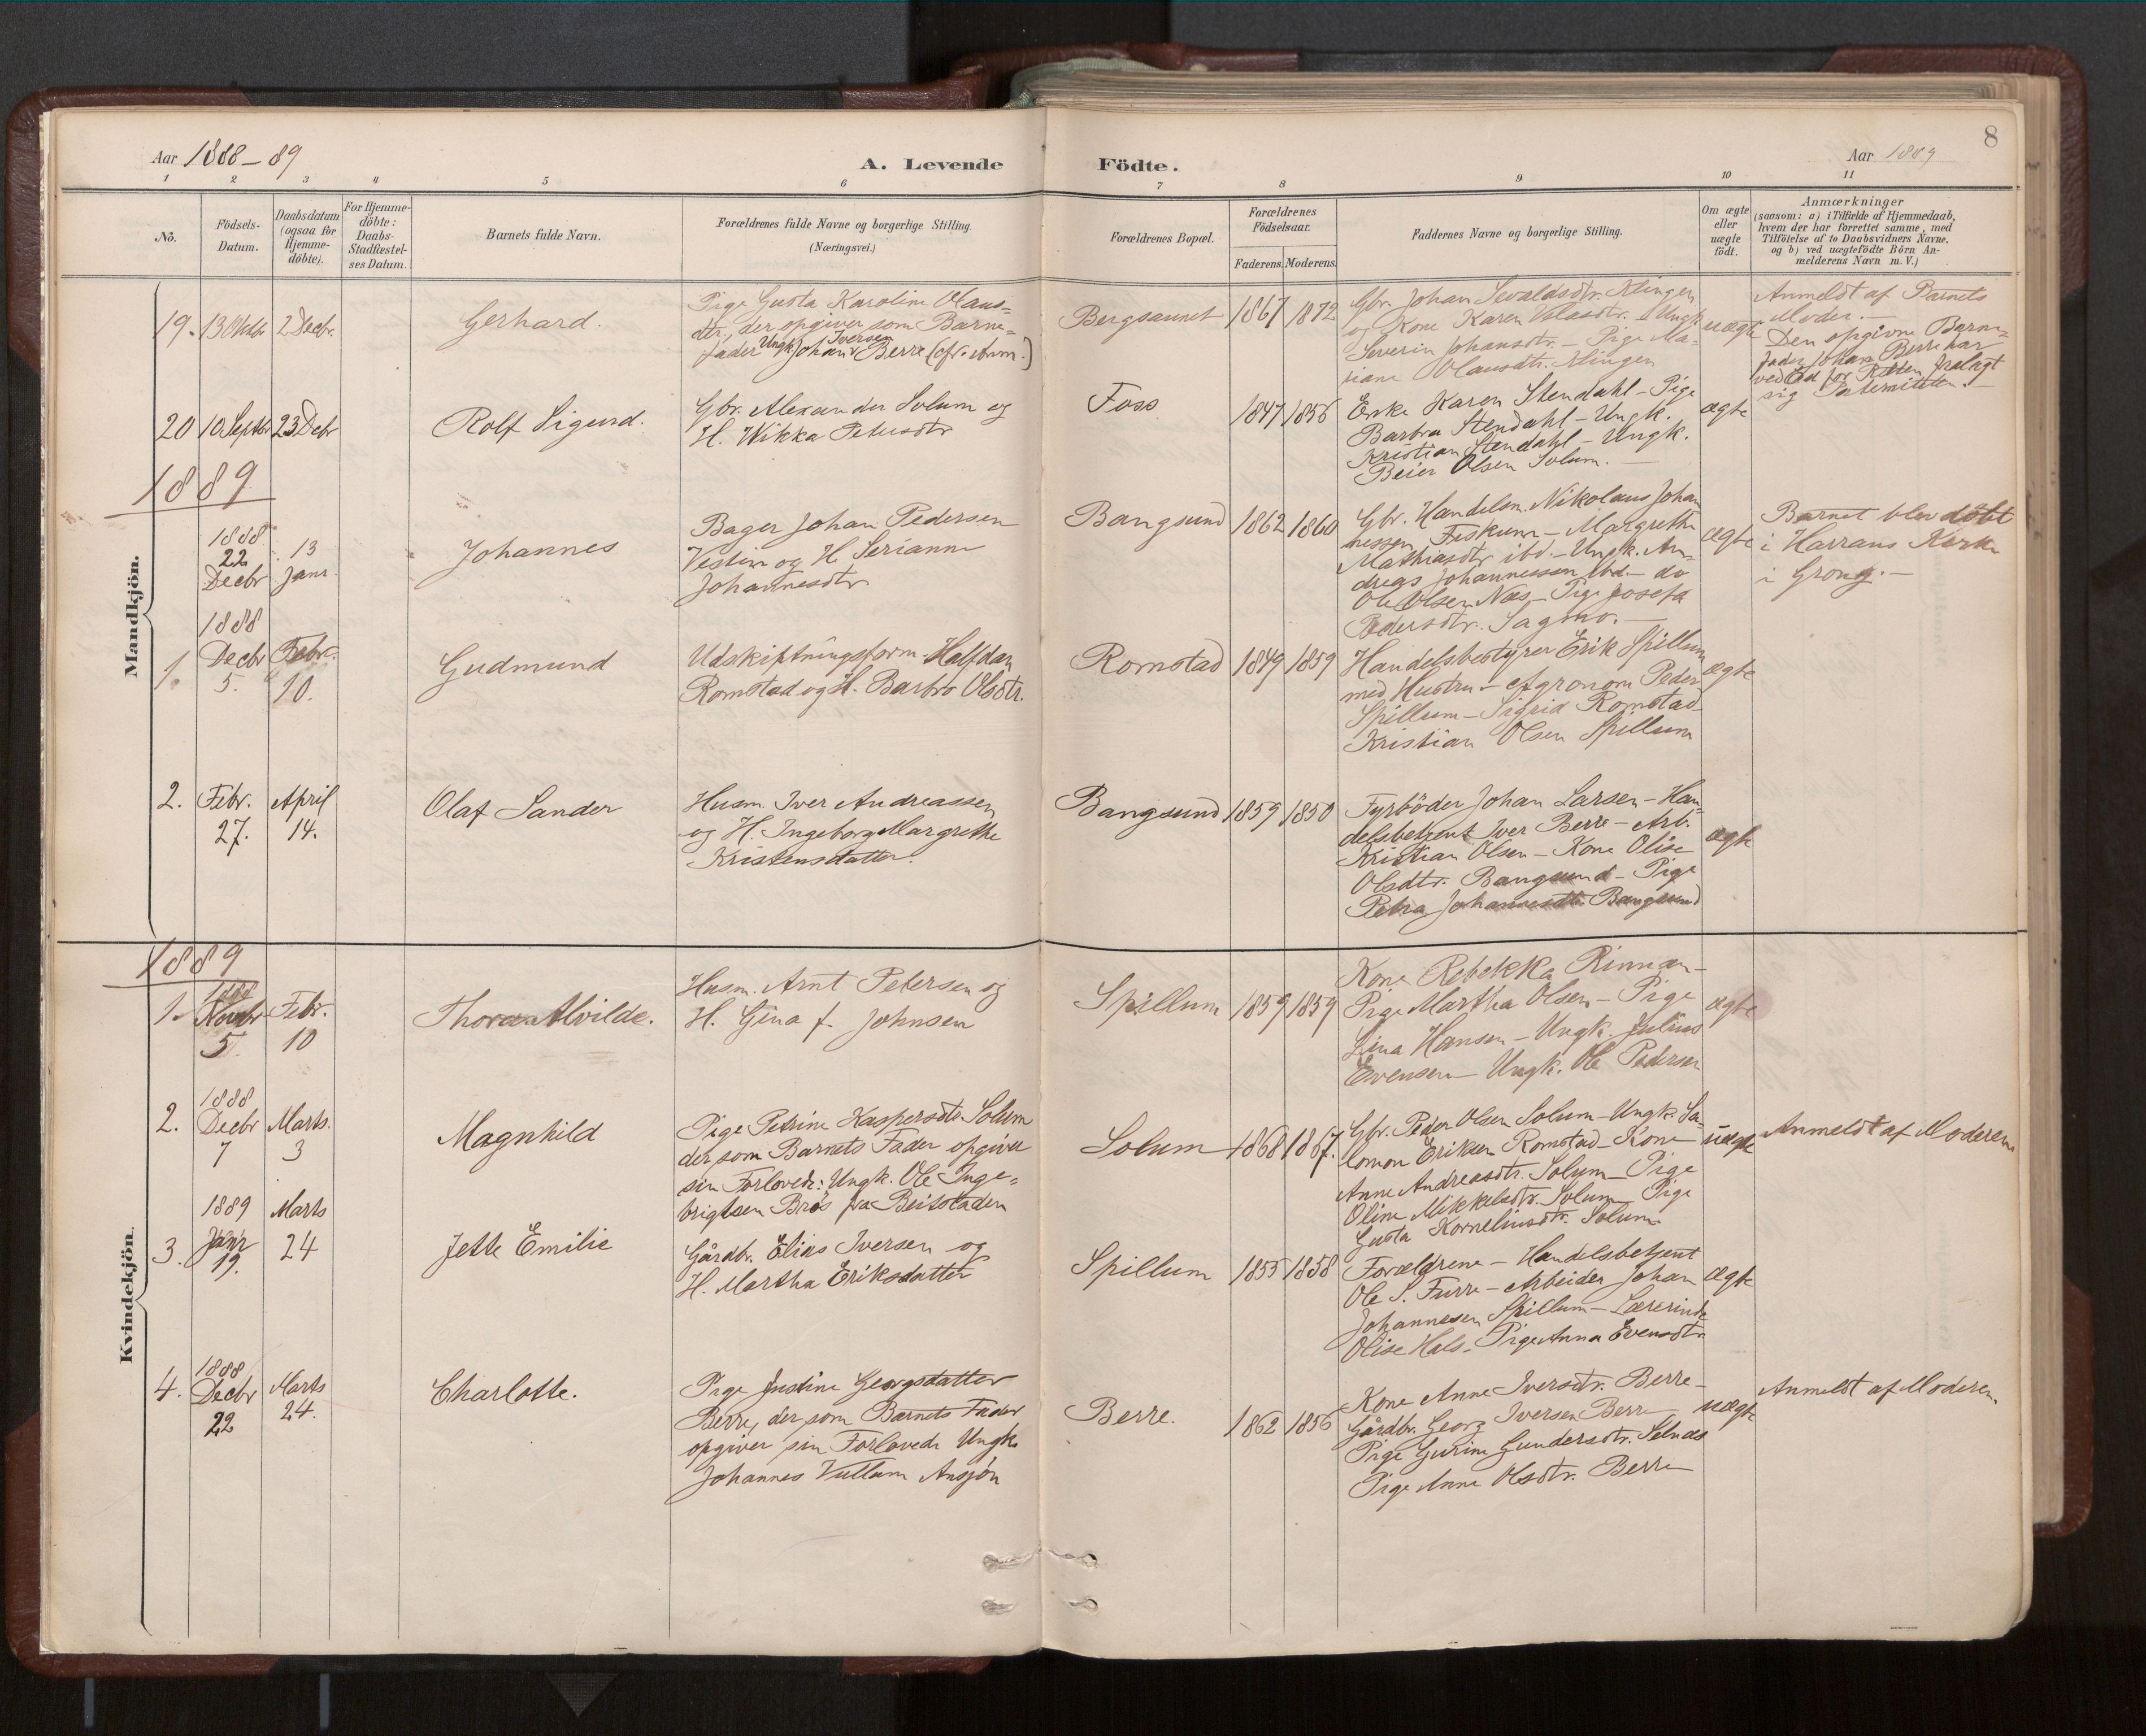 SAT, Ministerialprotokoller, klokkerbøker og fødselsregistre - Nord-Trøndelag, 770/L0589: Ministerialbok nr. 770A03, 1887-1929, s. 8